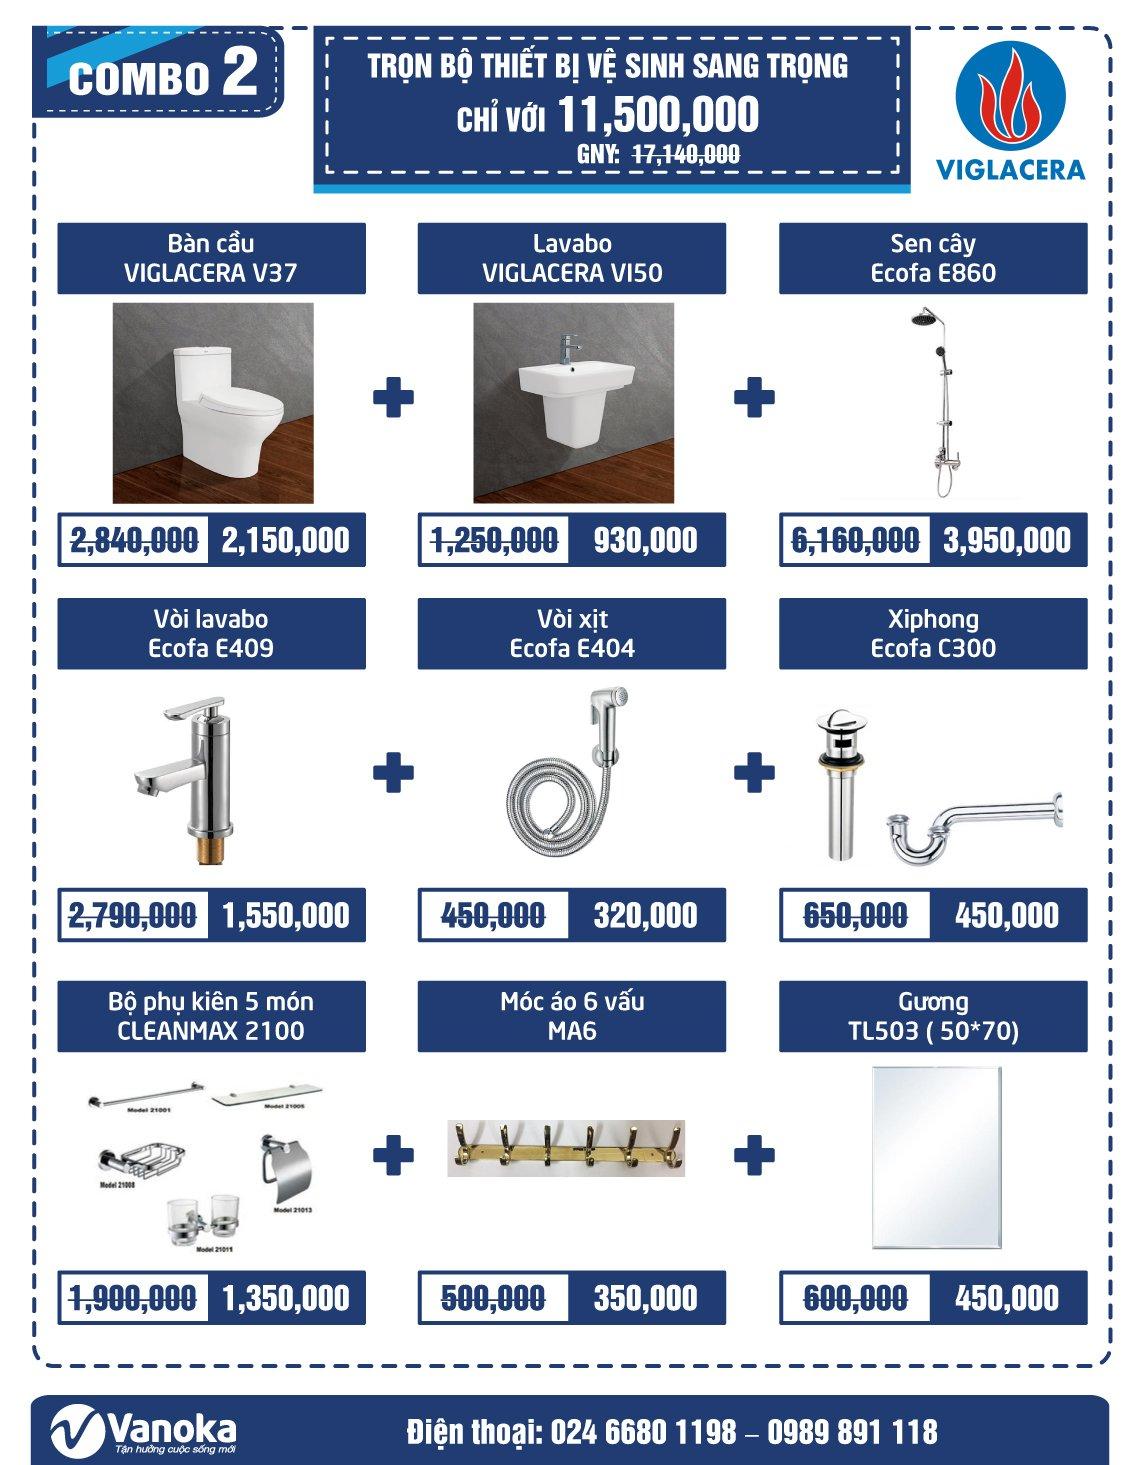 Combo Viglacera 2: Trọn bộ thiết bị vệ sinh sang trọng chỉ với 11.5 triệu thumbnail